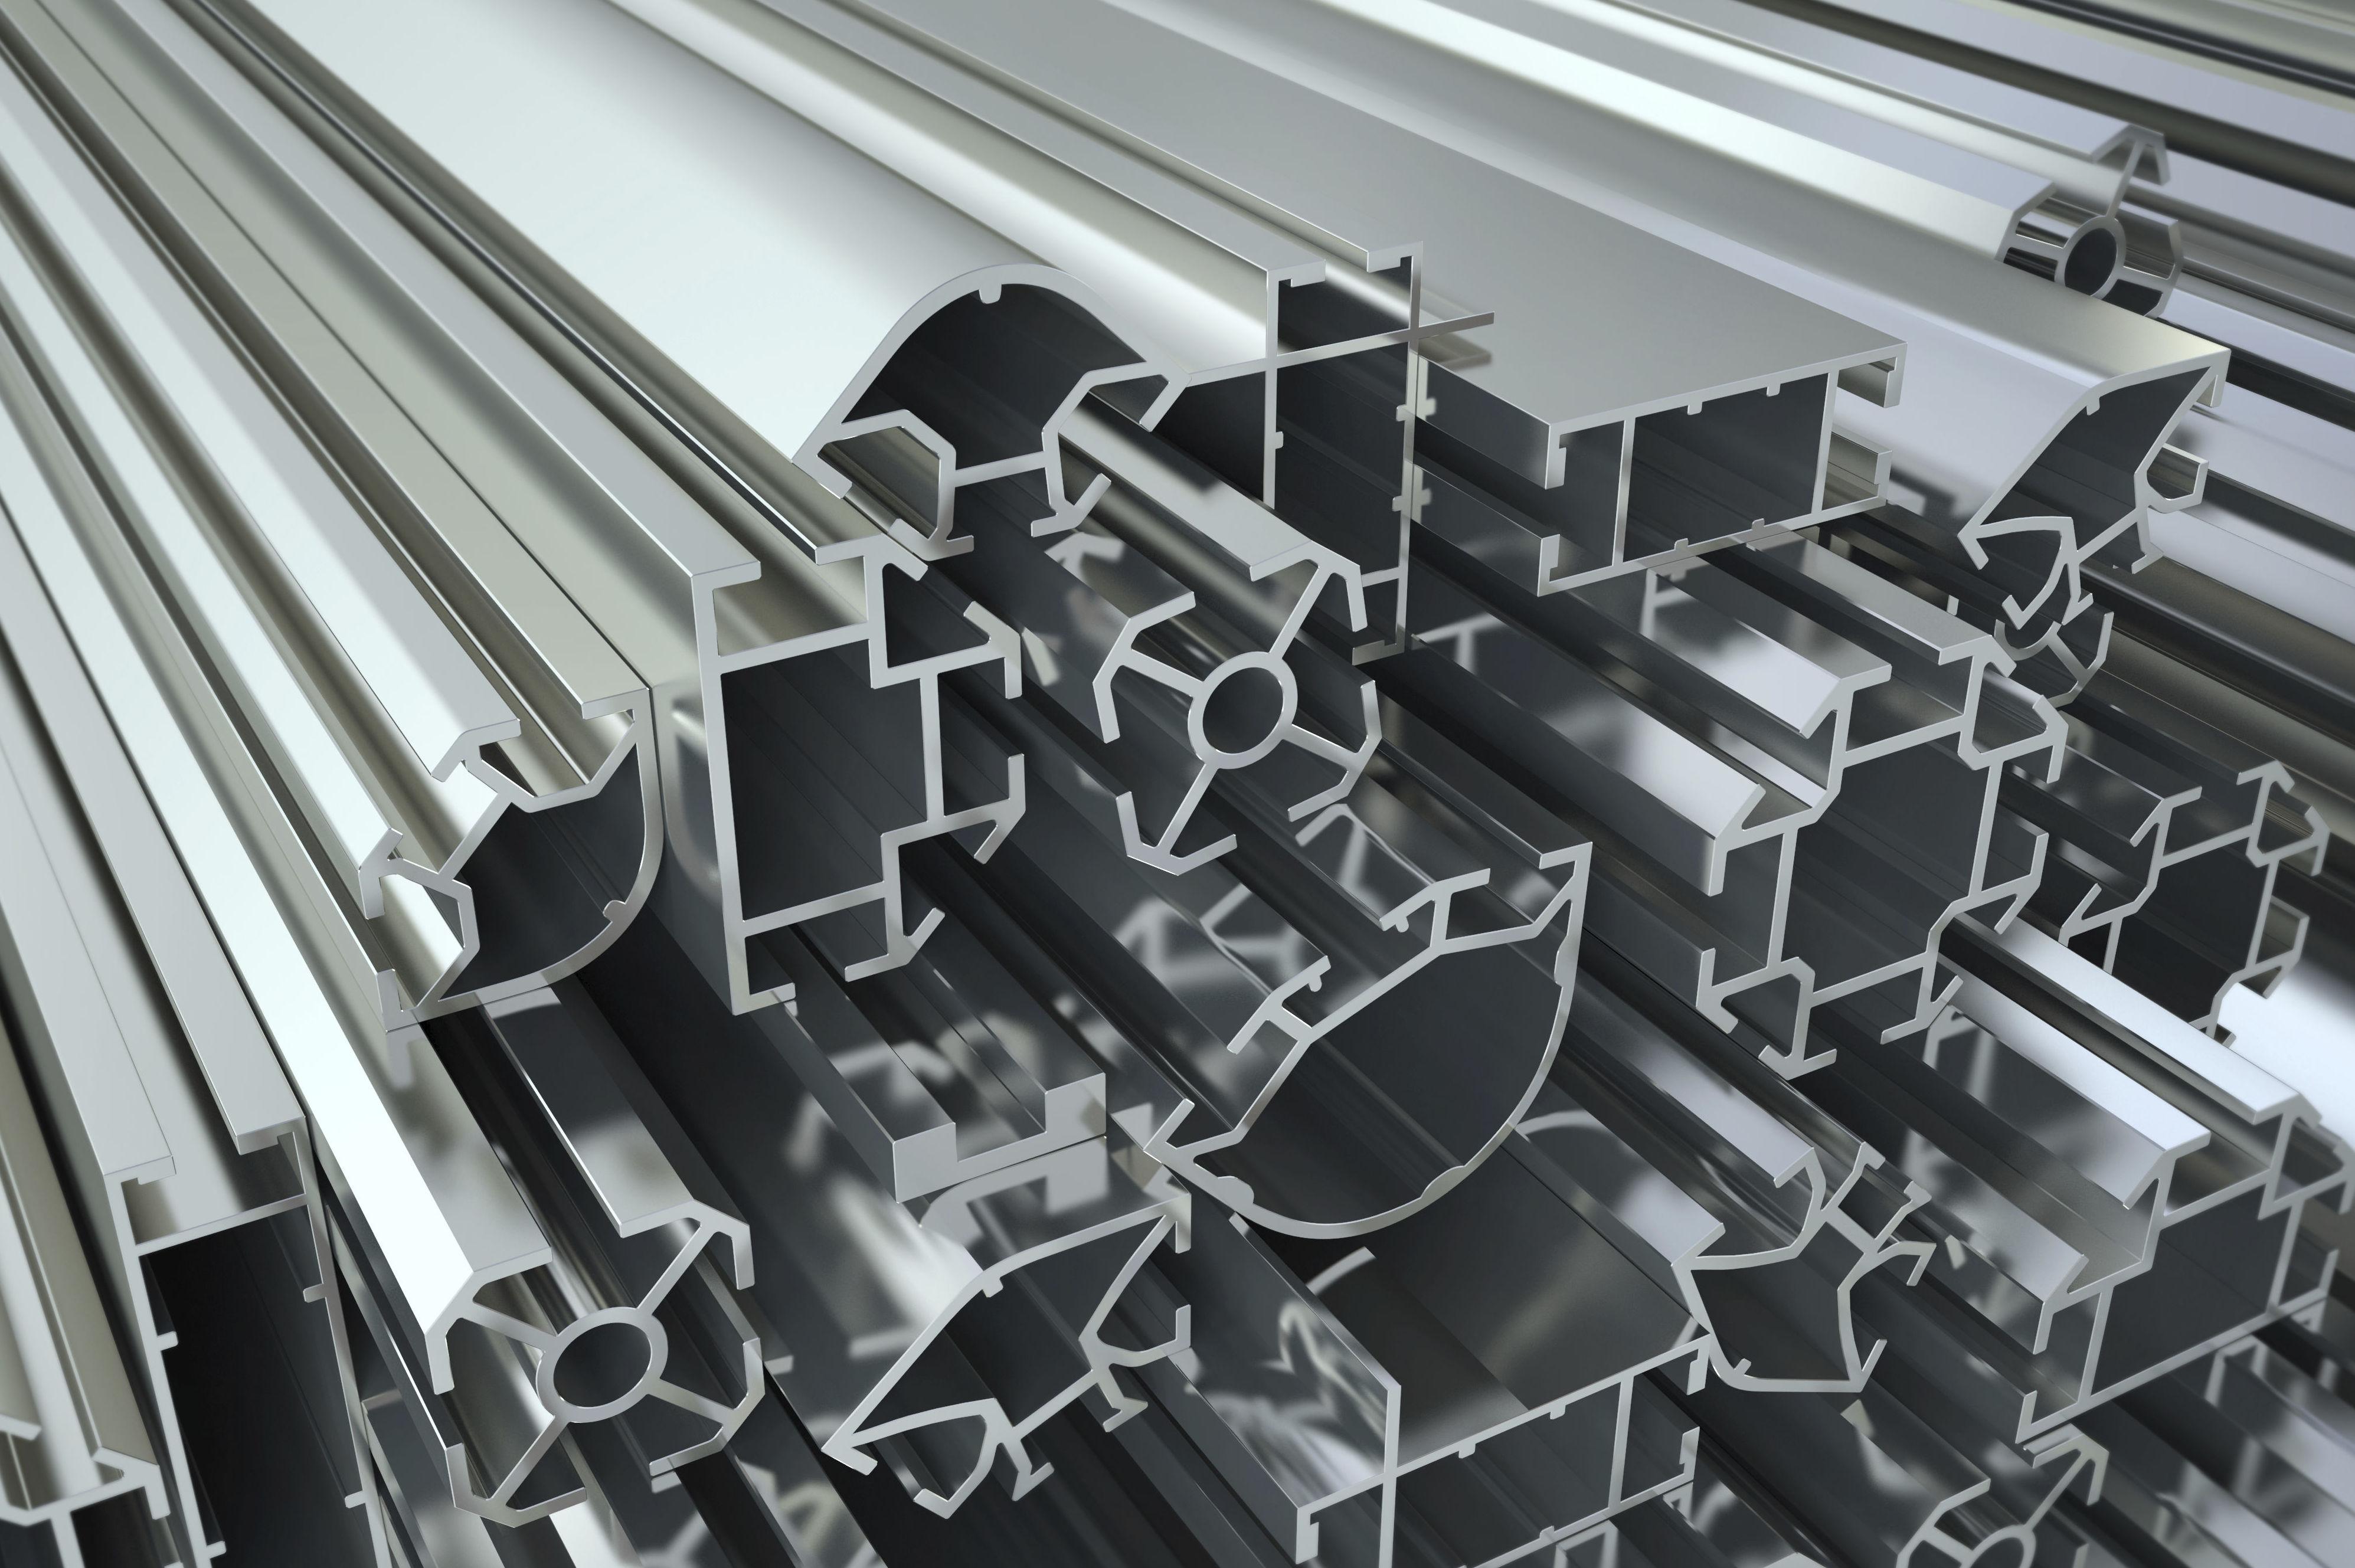 Trabajos en aluminio